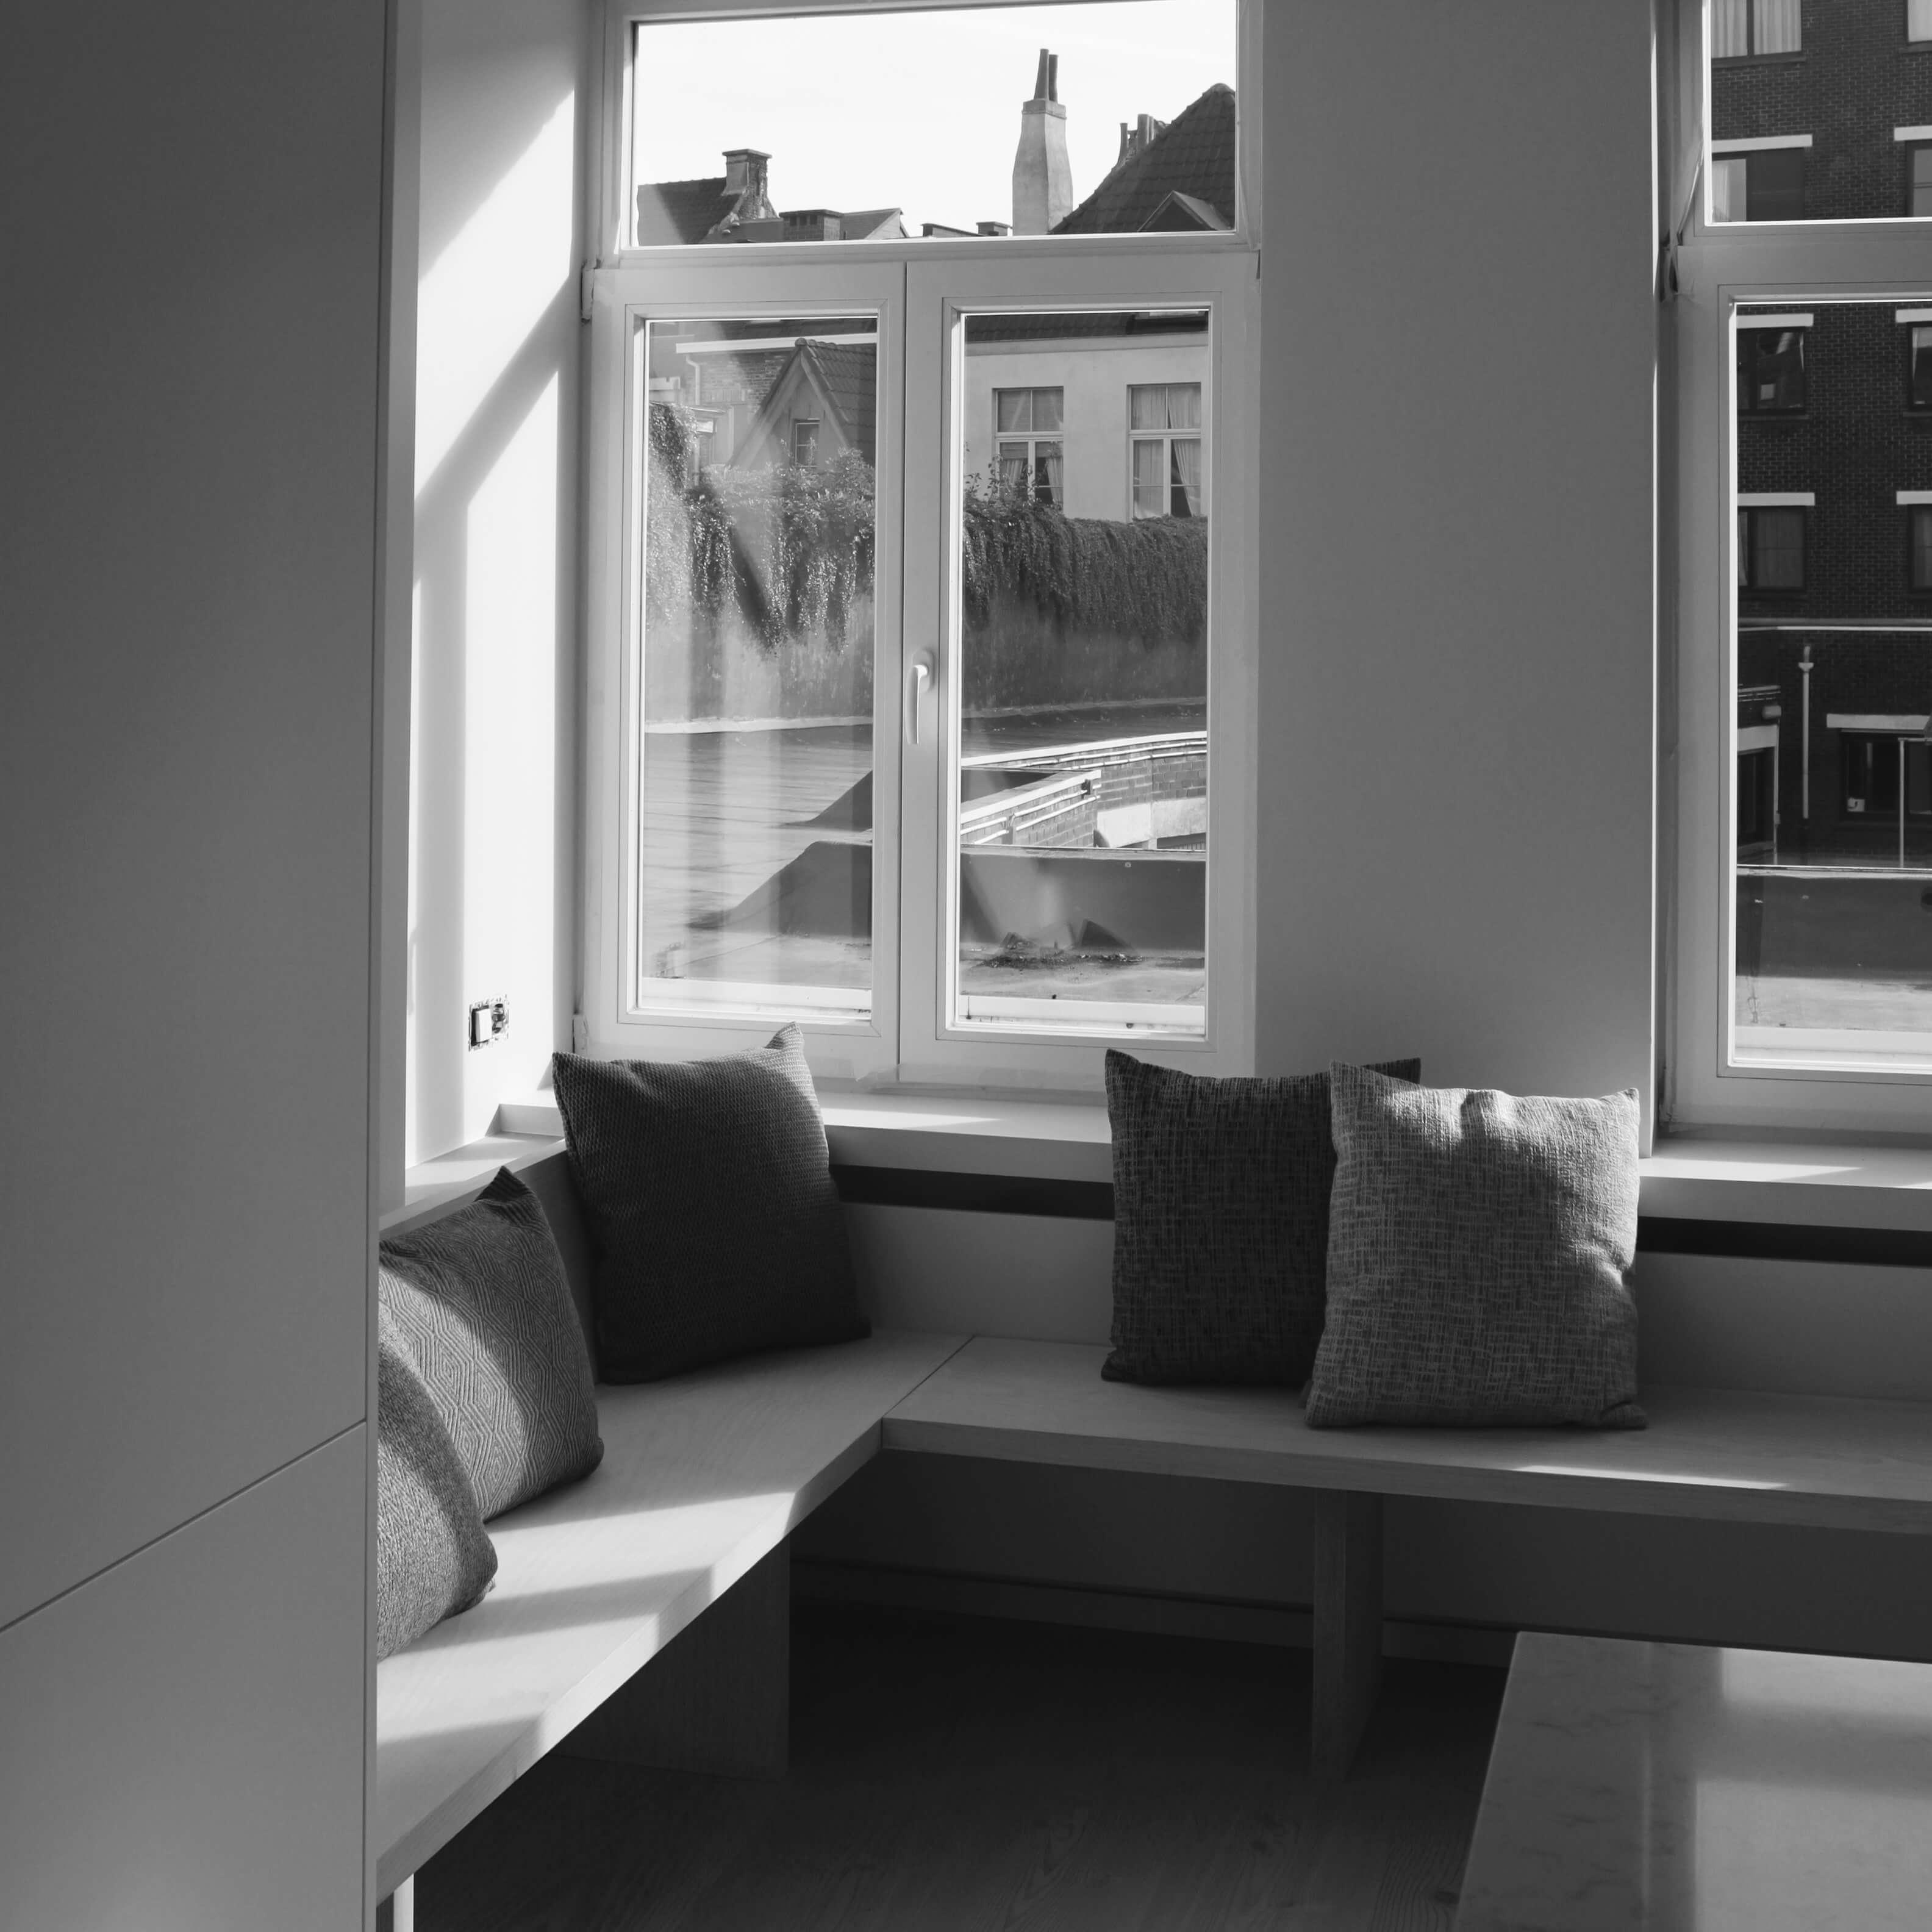 Mieke mestdagh interieur for Interieur ontwerper